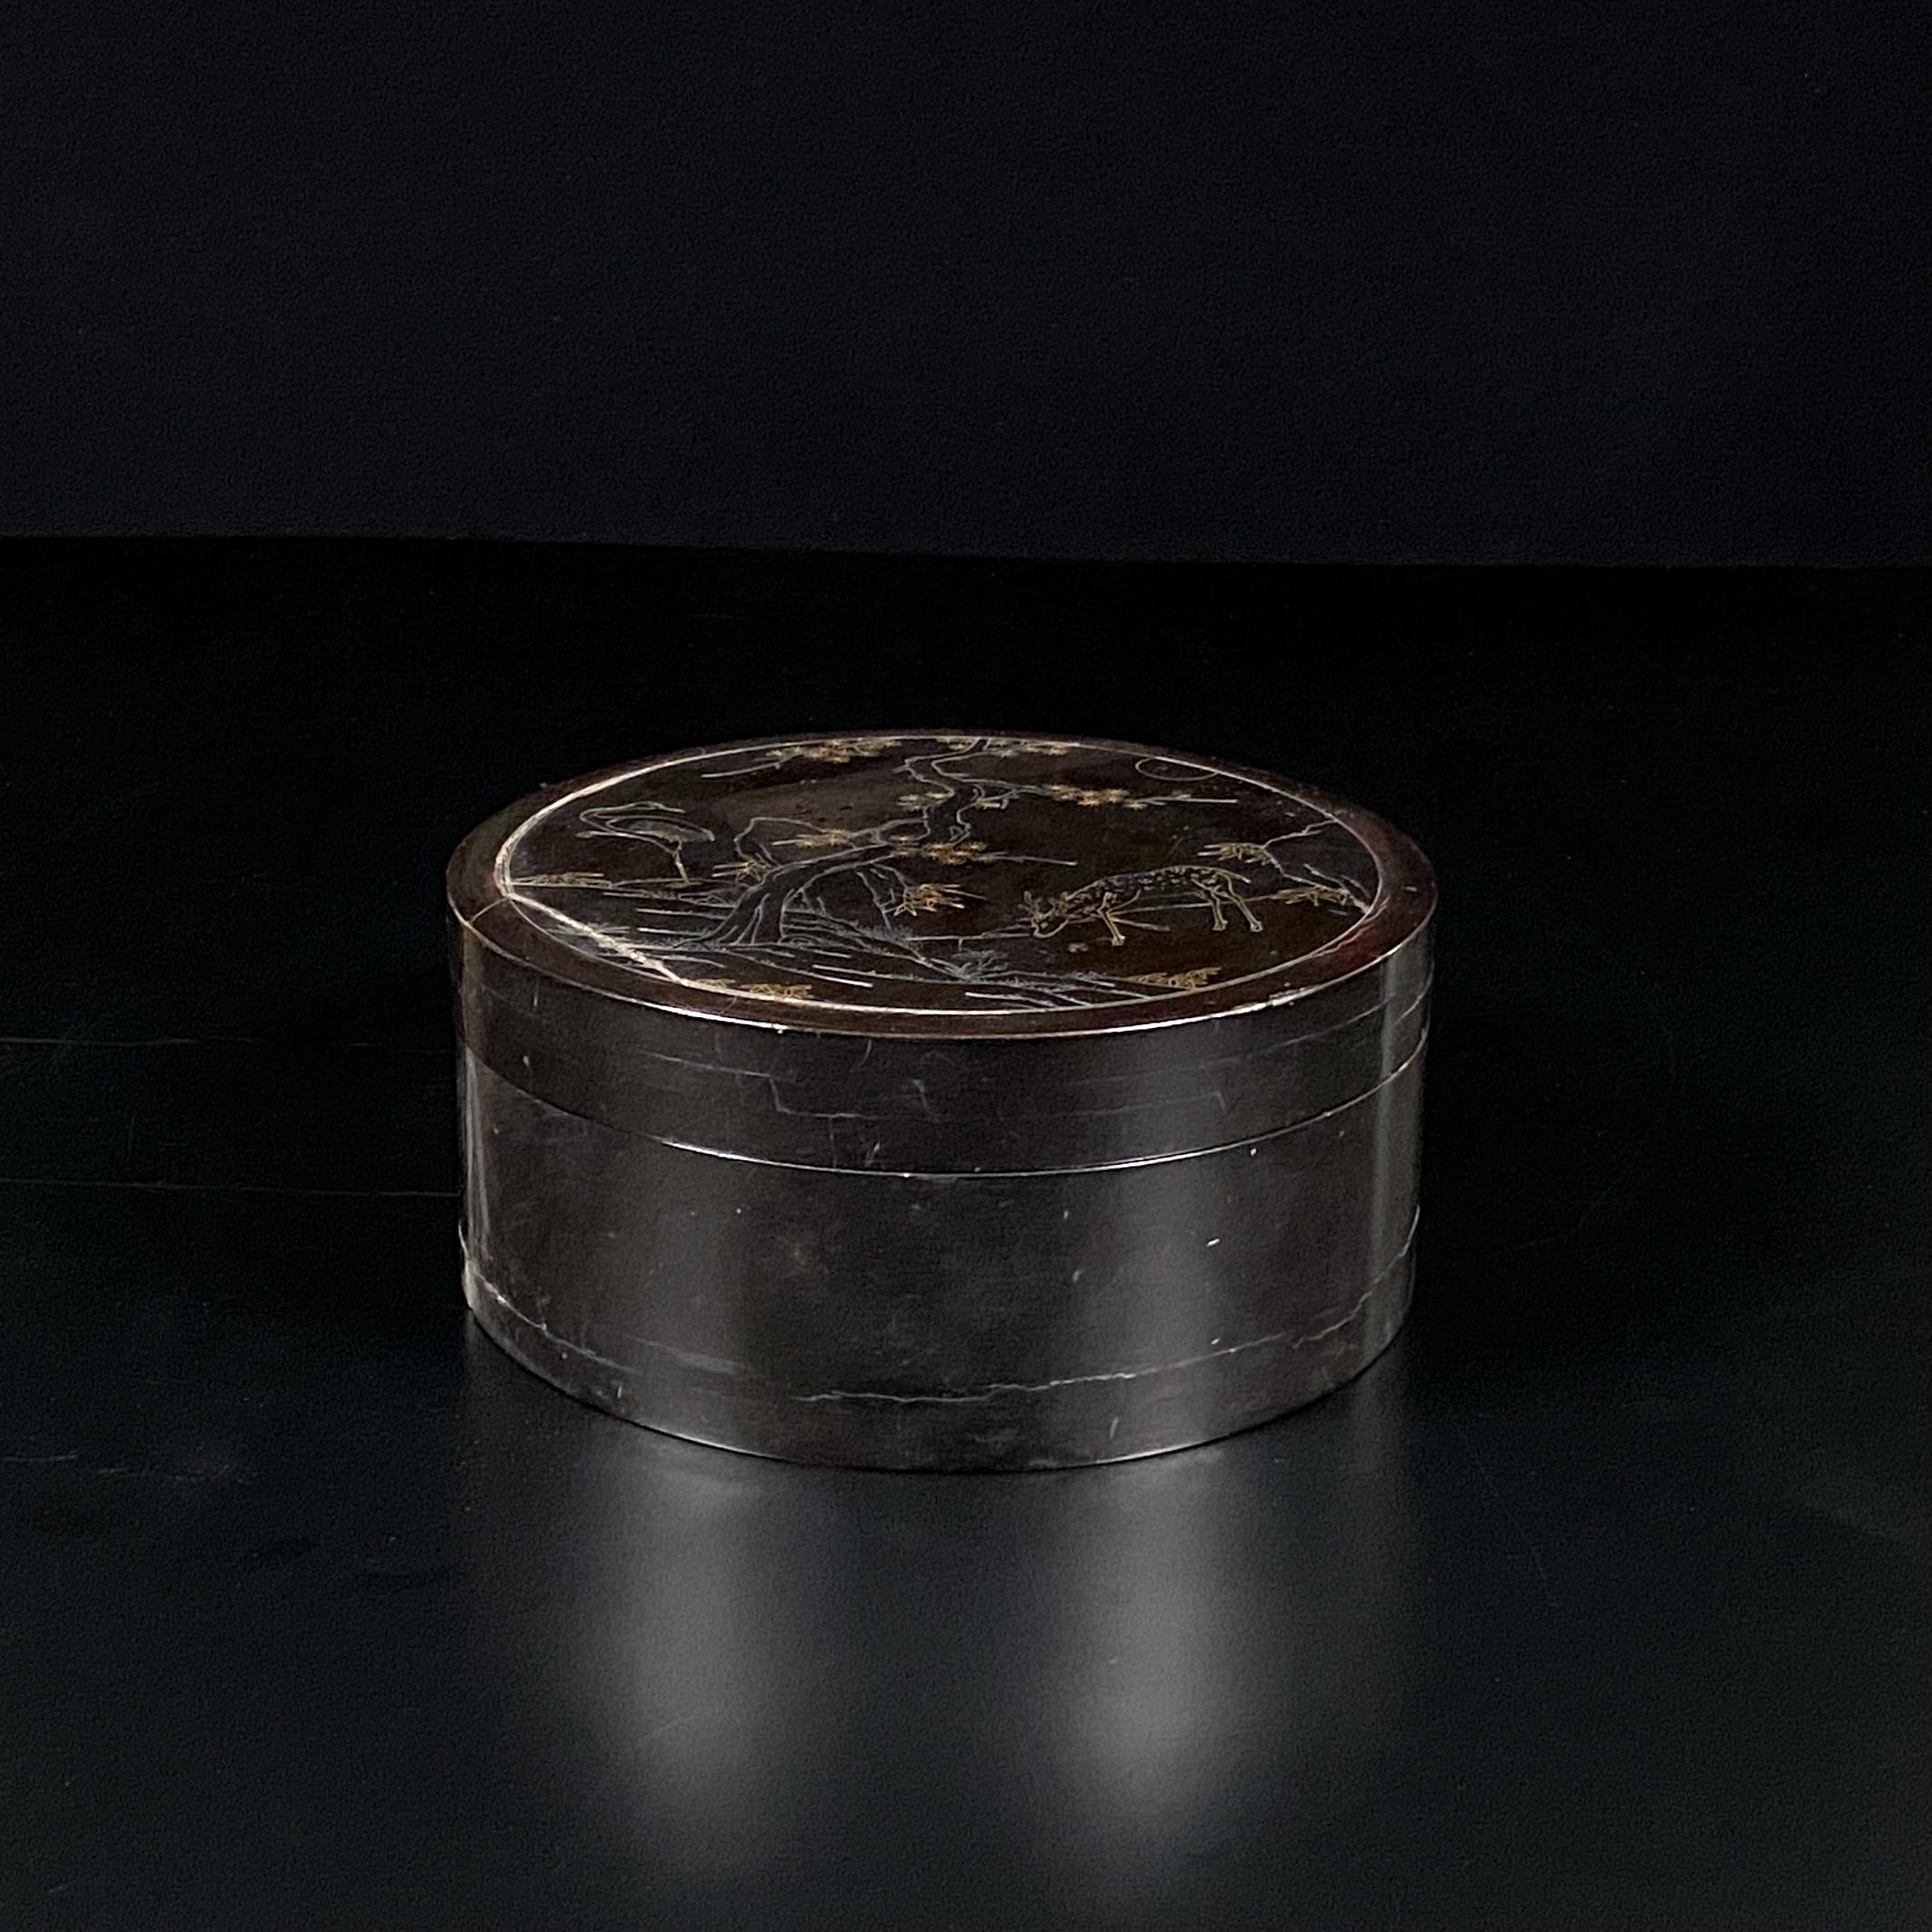 30212木雕 黒漆錯金銀 吉祥紋 蓋盒